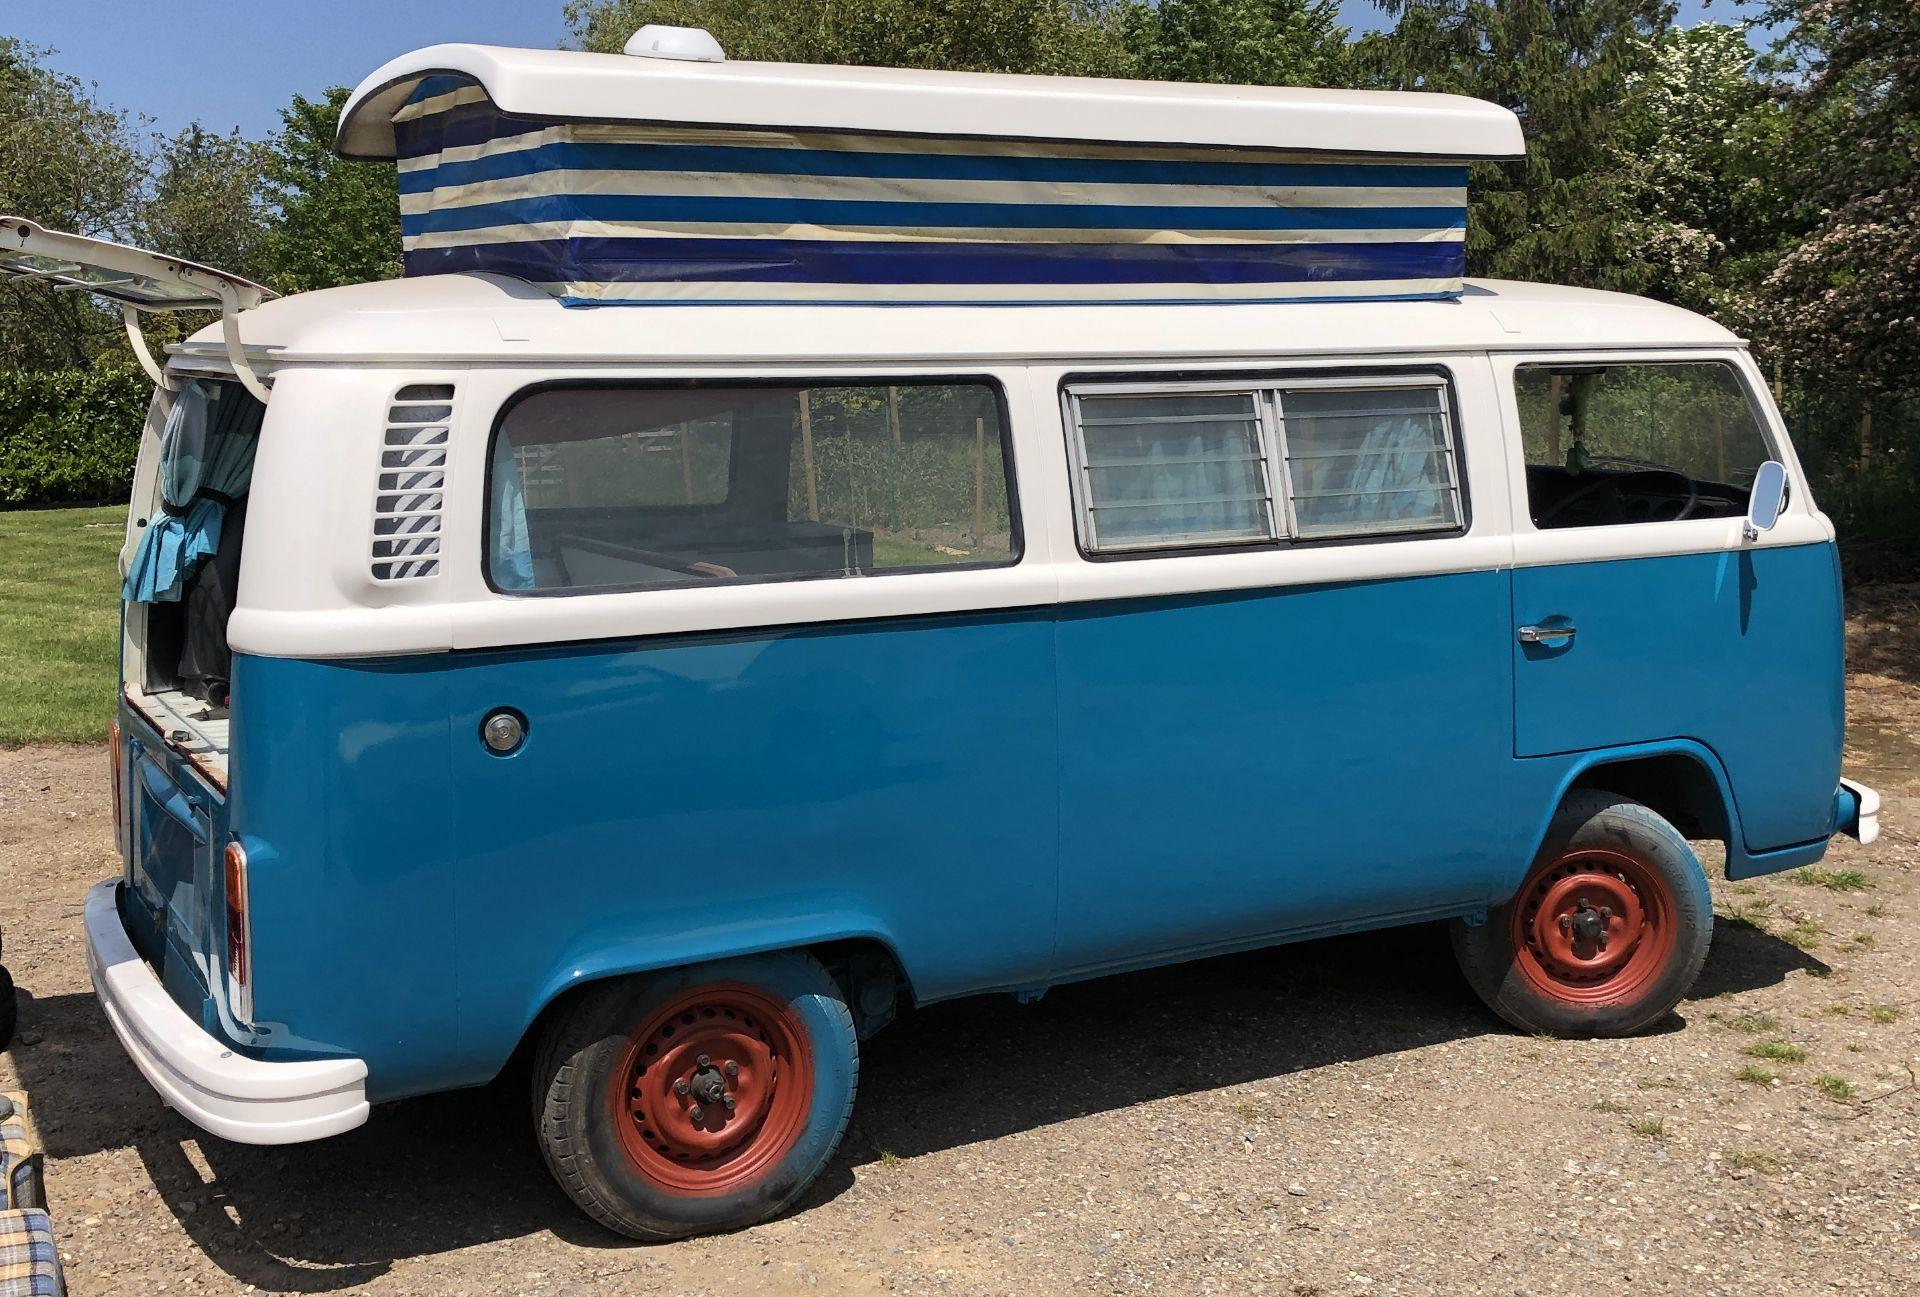 VW Microbus 8 Seater Caravanette Devon - 'Mr Blue' Petrol, Registration UMH 420S, First Registered - Image 10 of 47